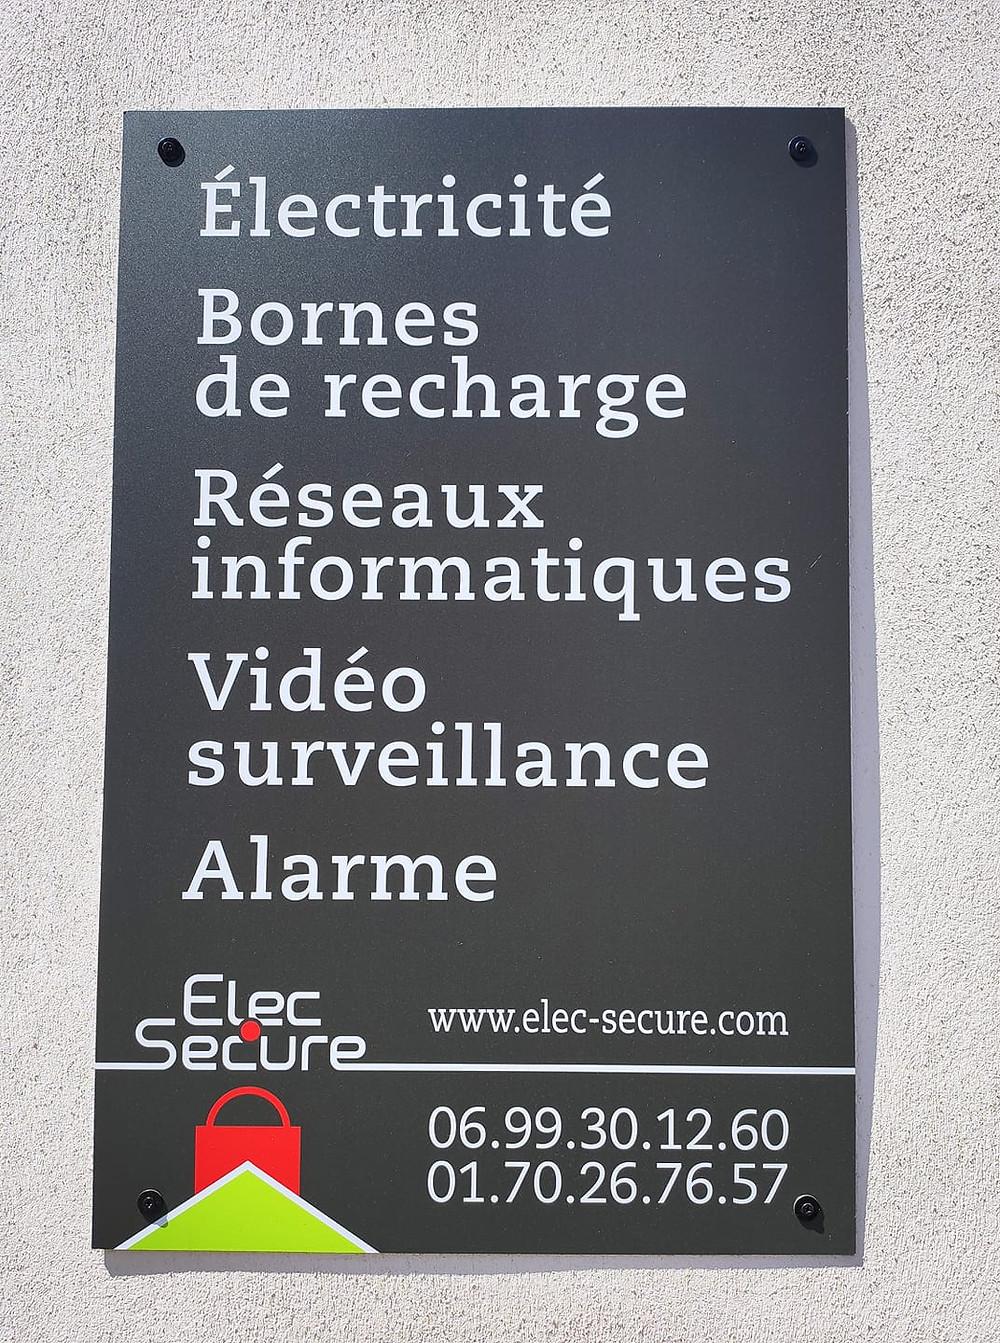 Nos techniciens sont à votre service pour tous vos besoins en Electricité, Bornes de recharge, Réseaux informatiques, Vidéo surveillance, Alarme